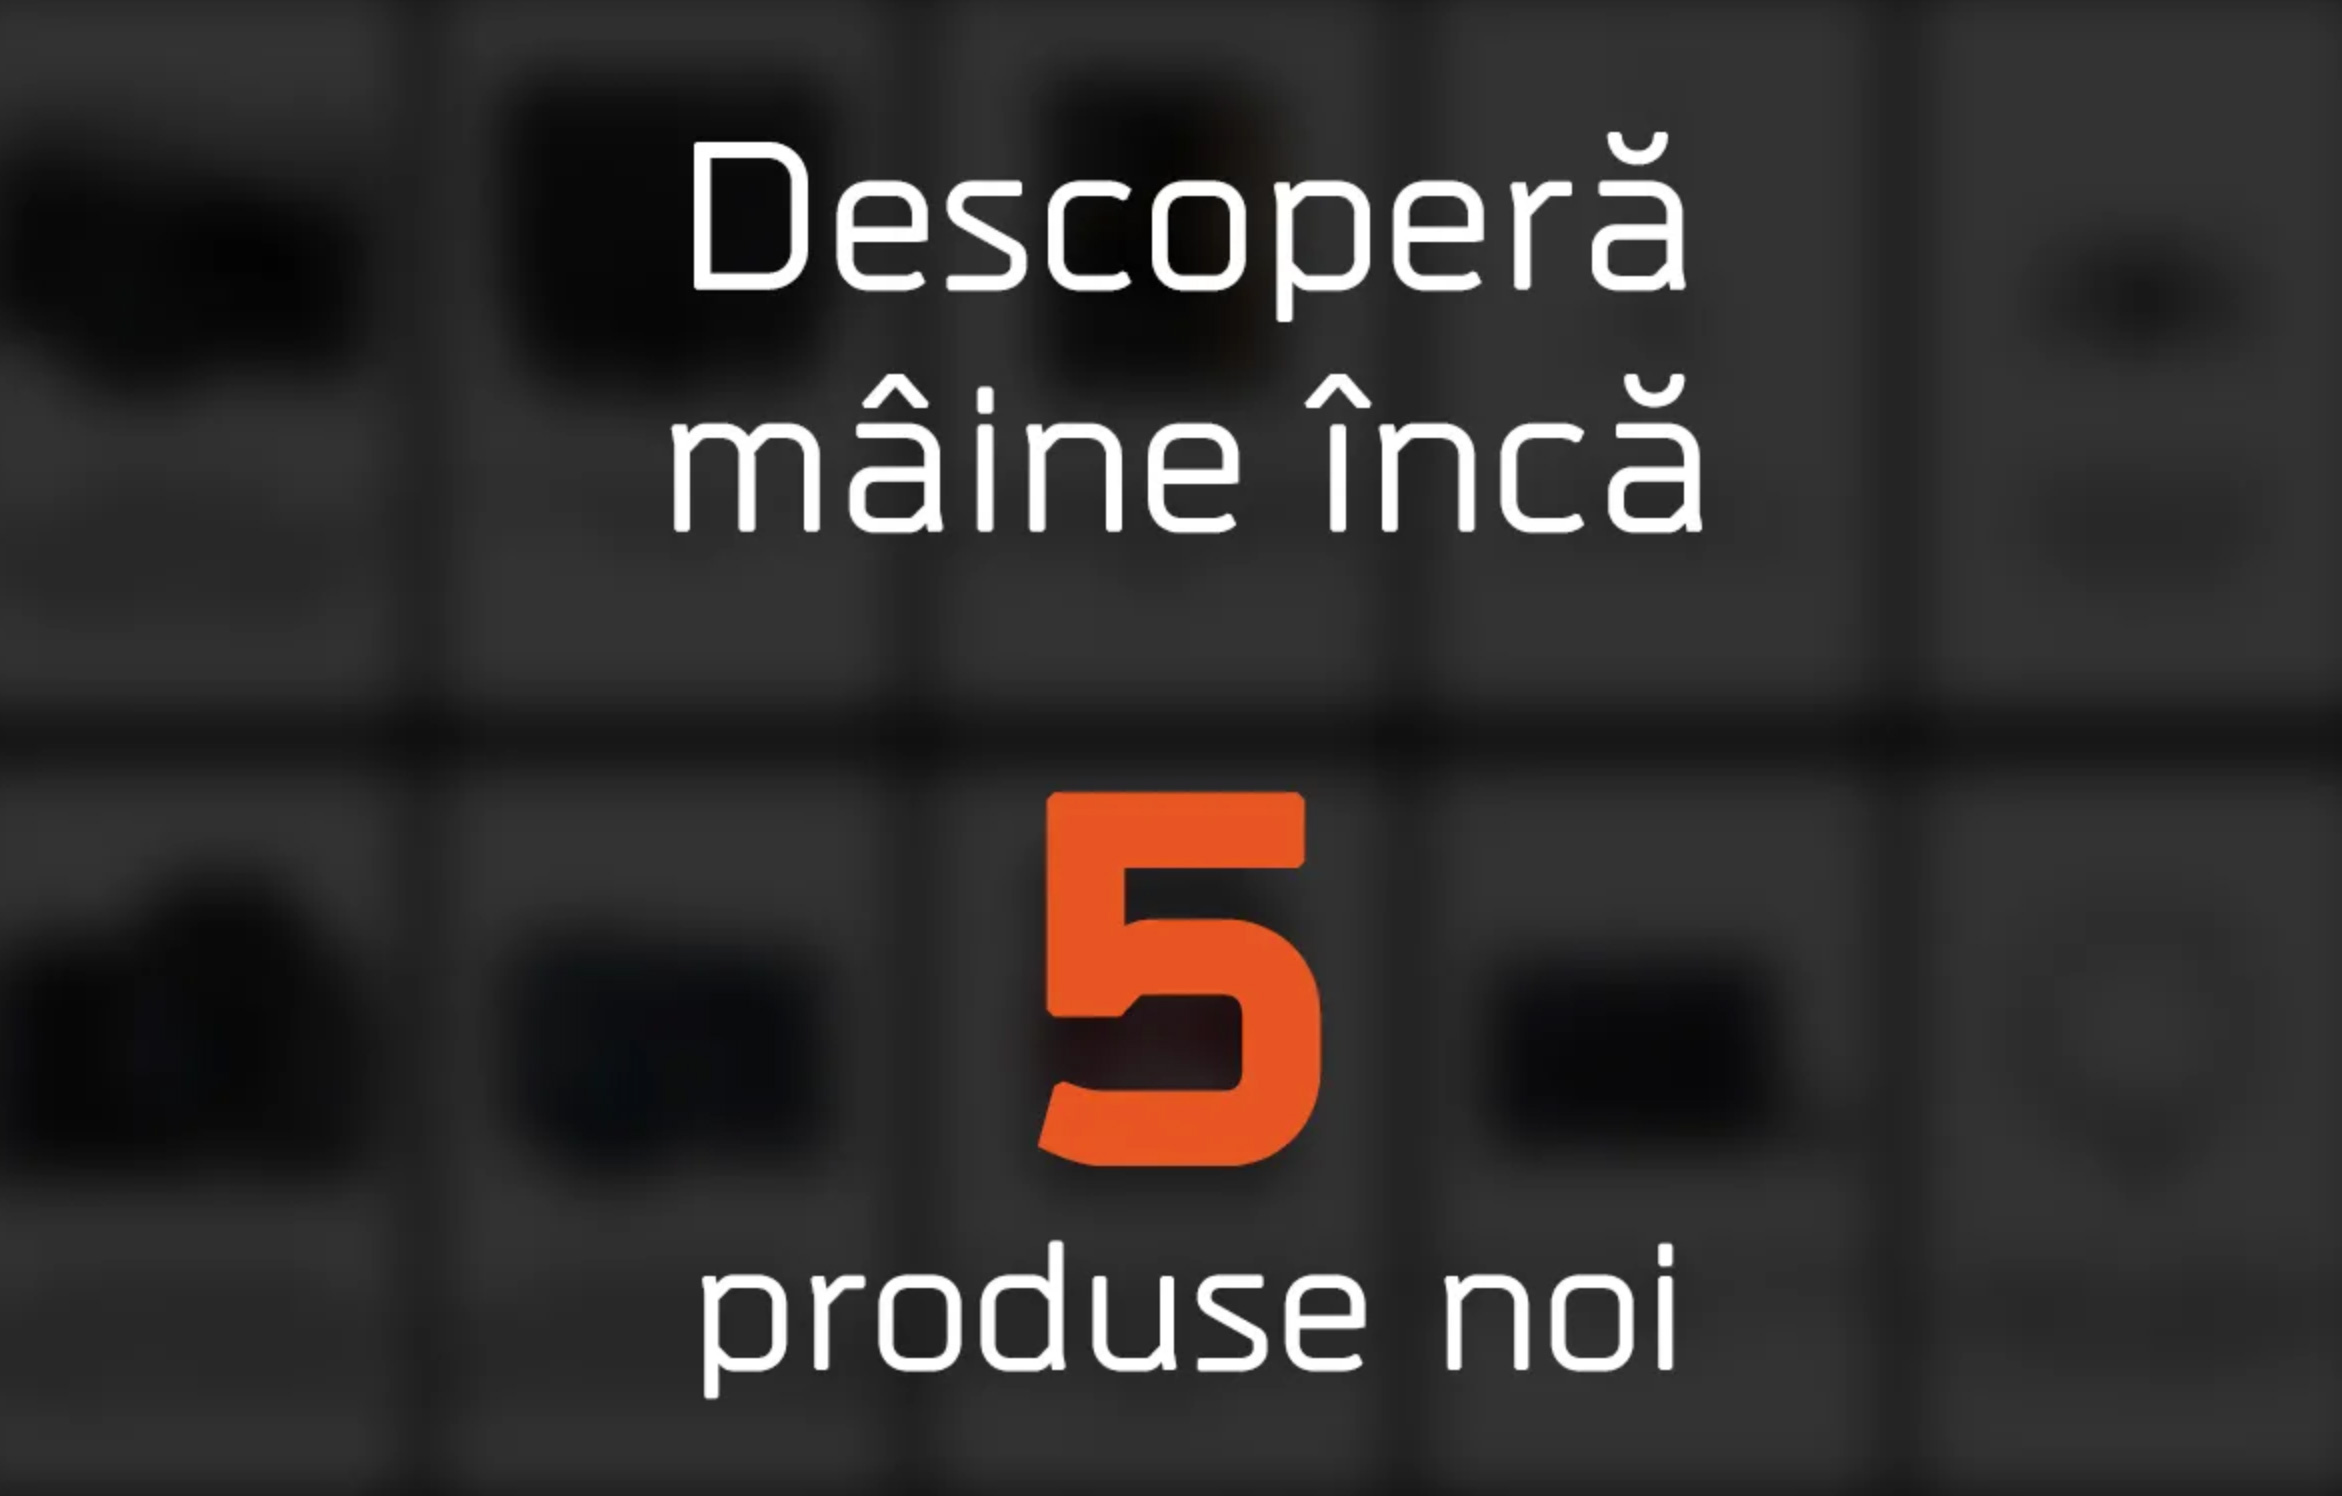 Descopera maine inca 5 produse noi care vor intra in promotie de Black Friday la F64